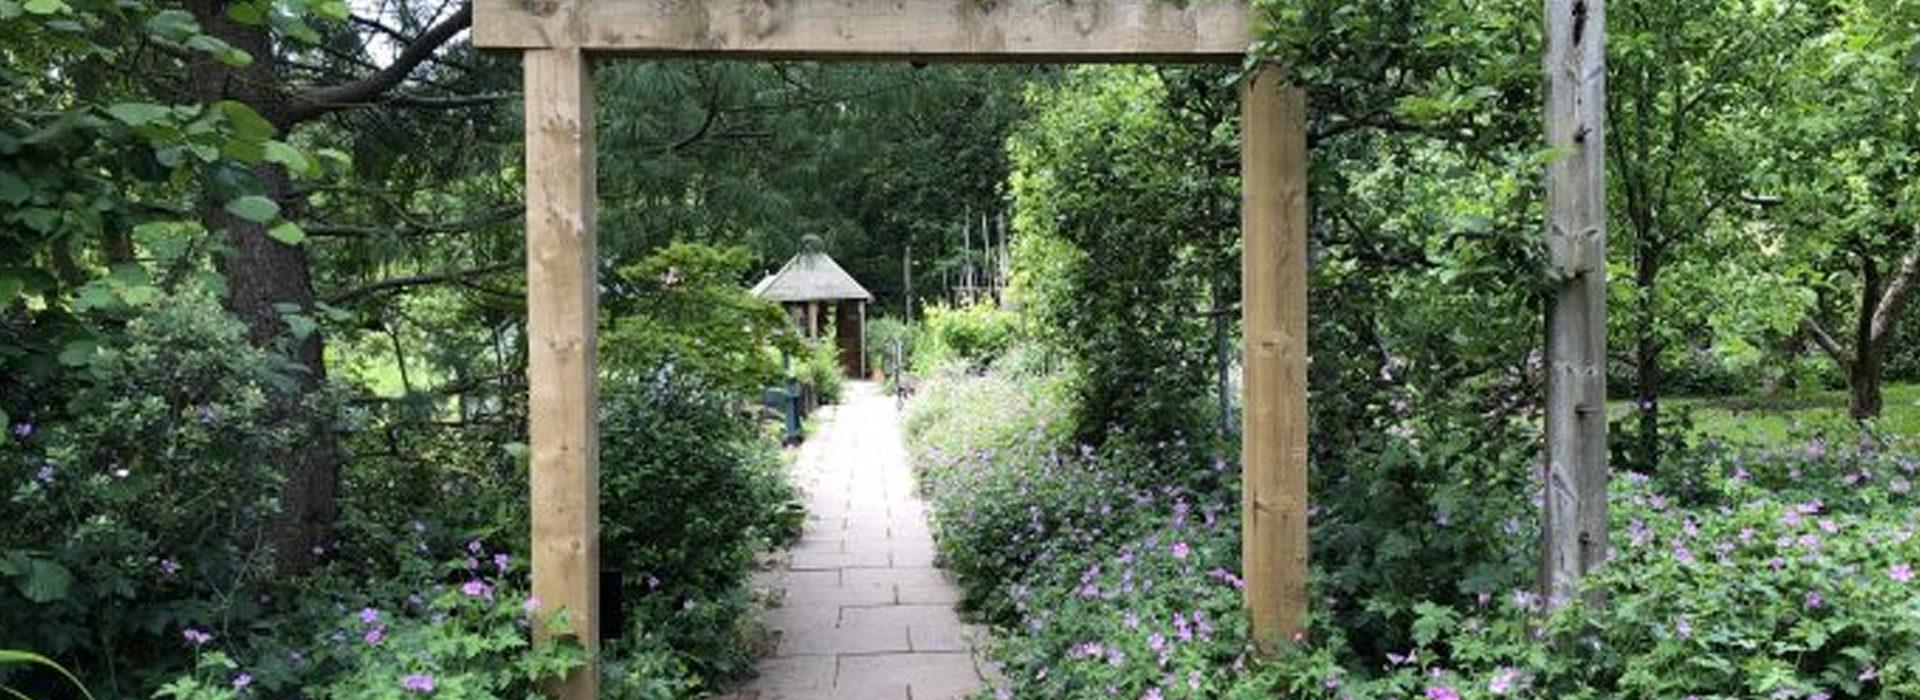 Martineau Gardens